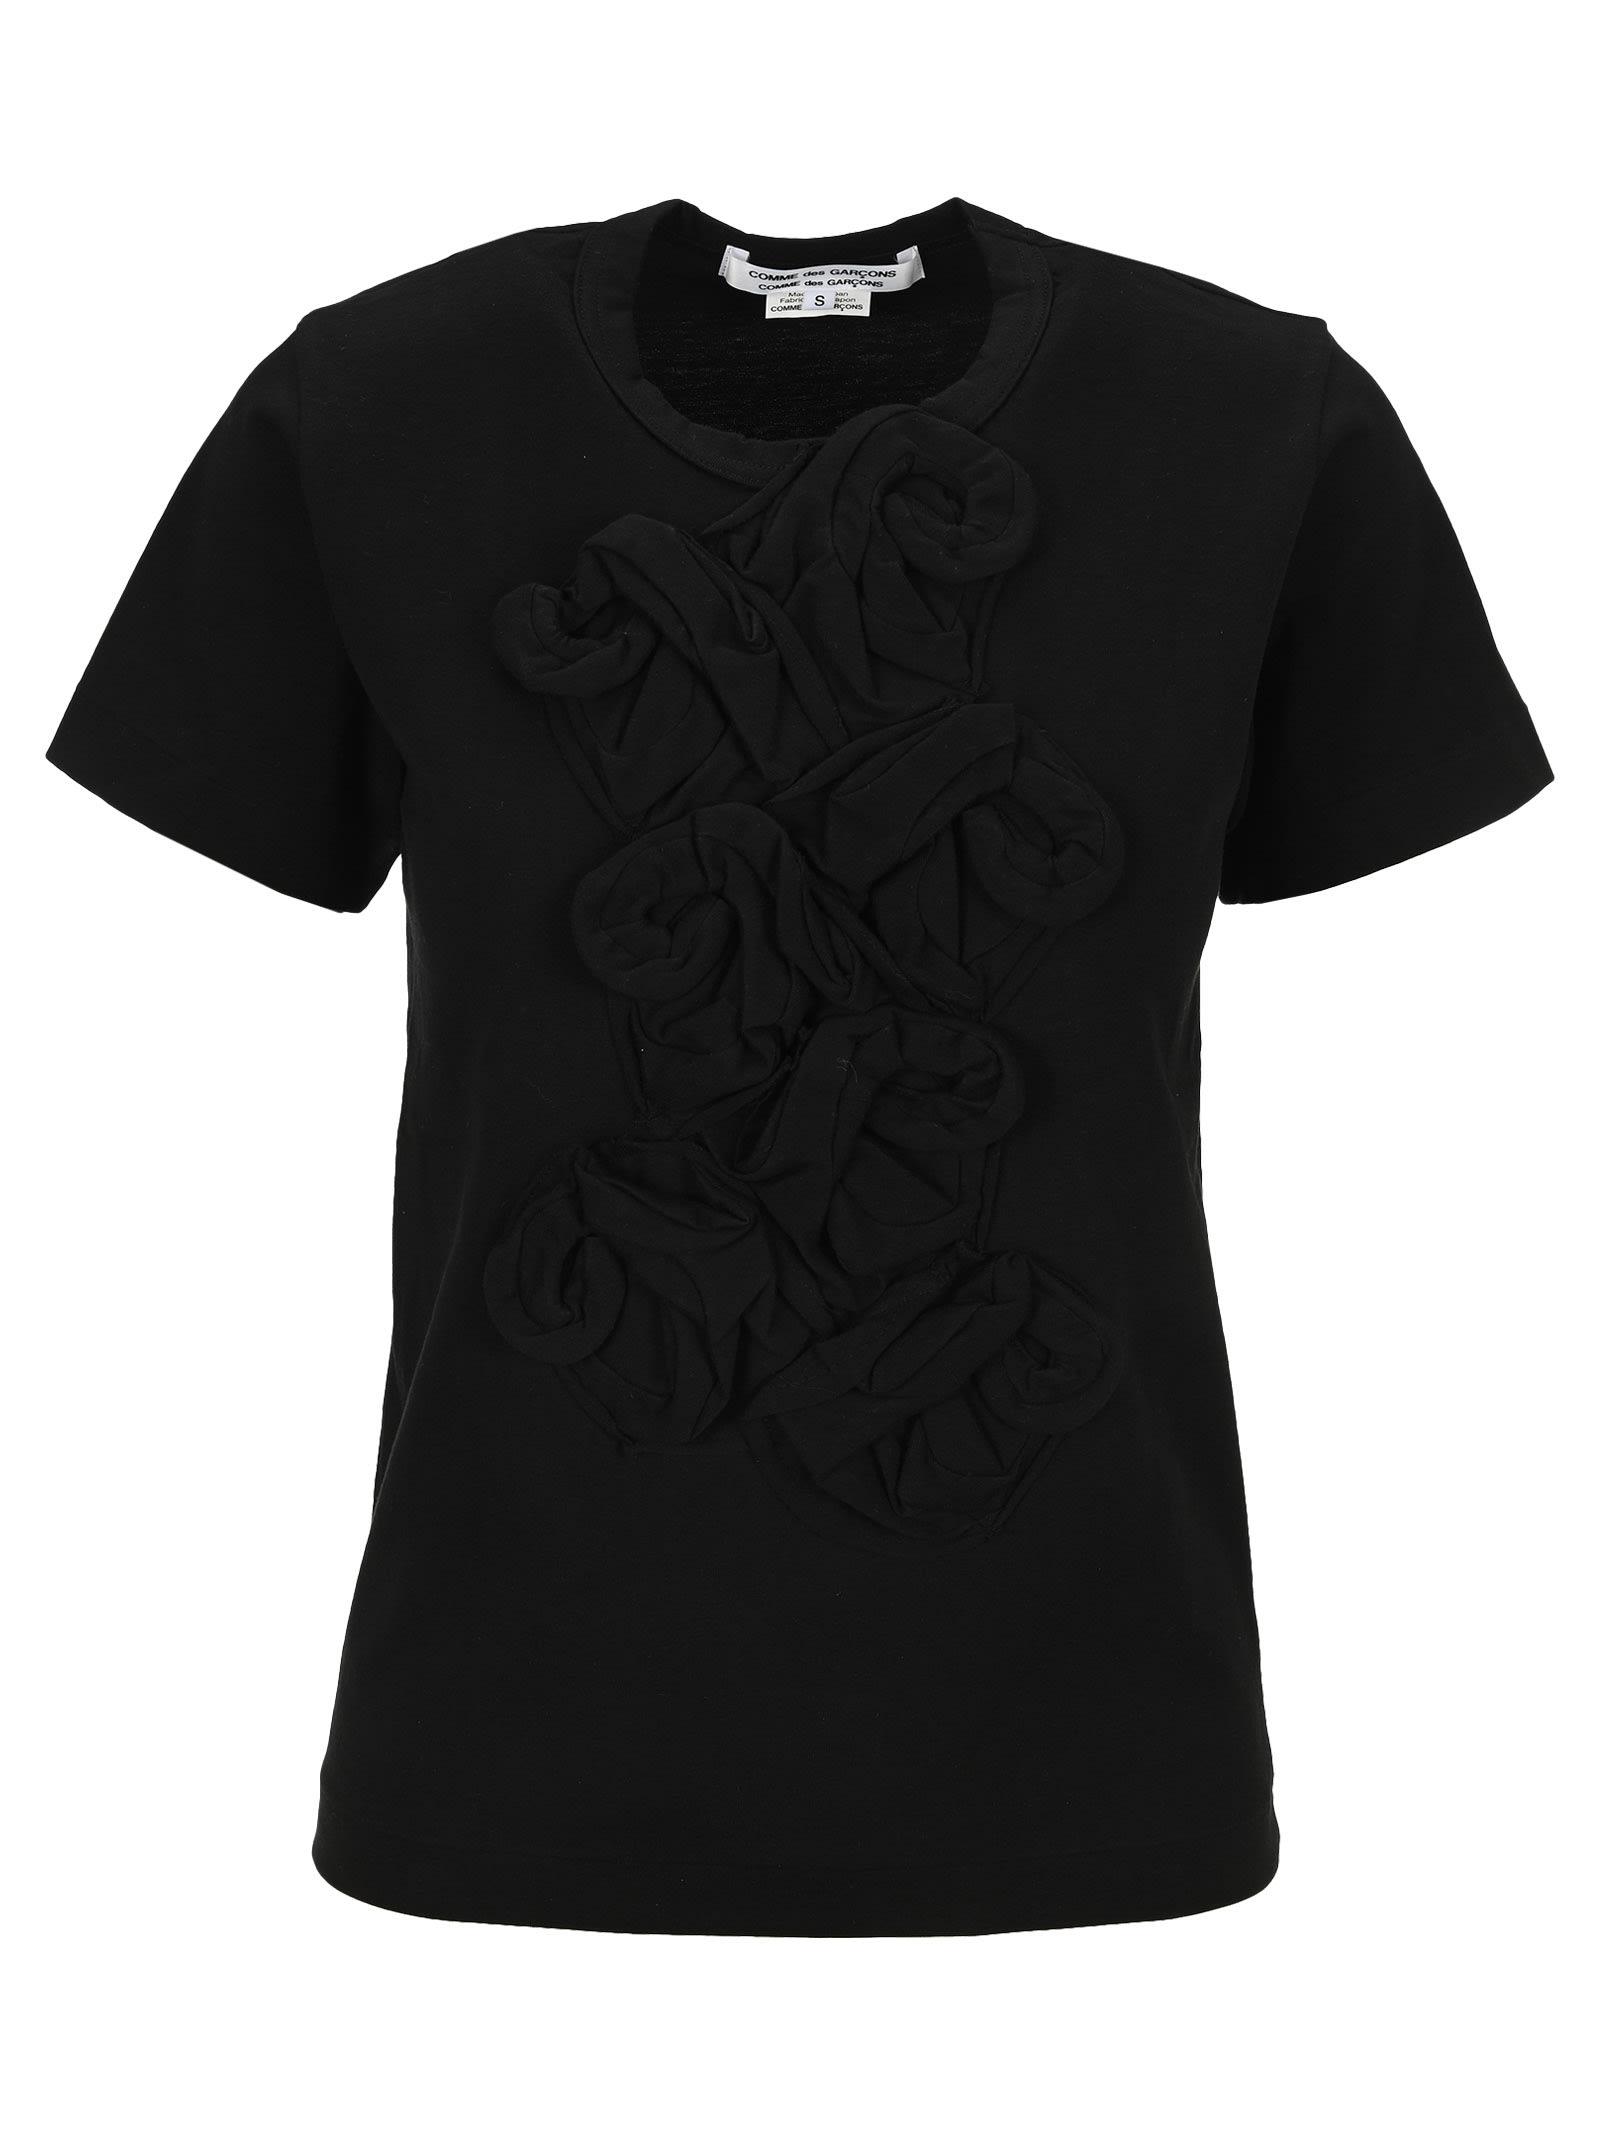 Comme Des Garçons Comme Des Garçons T-shirts COMME DES GARÇONS COMME DES GARÇONS ROSES FLORAL T-SHIRT